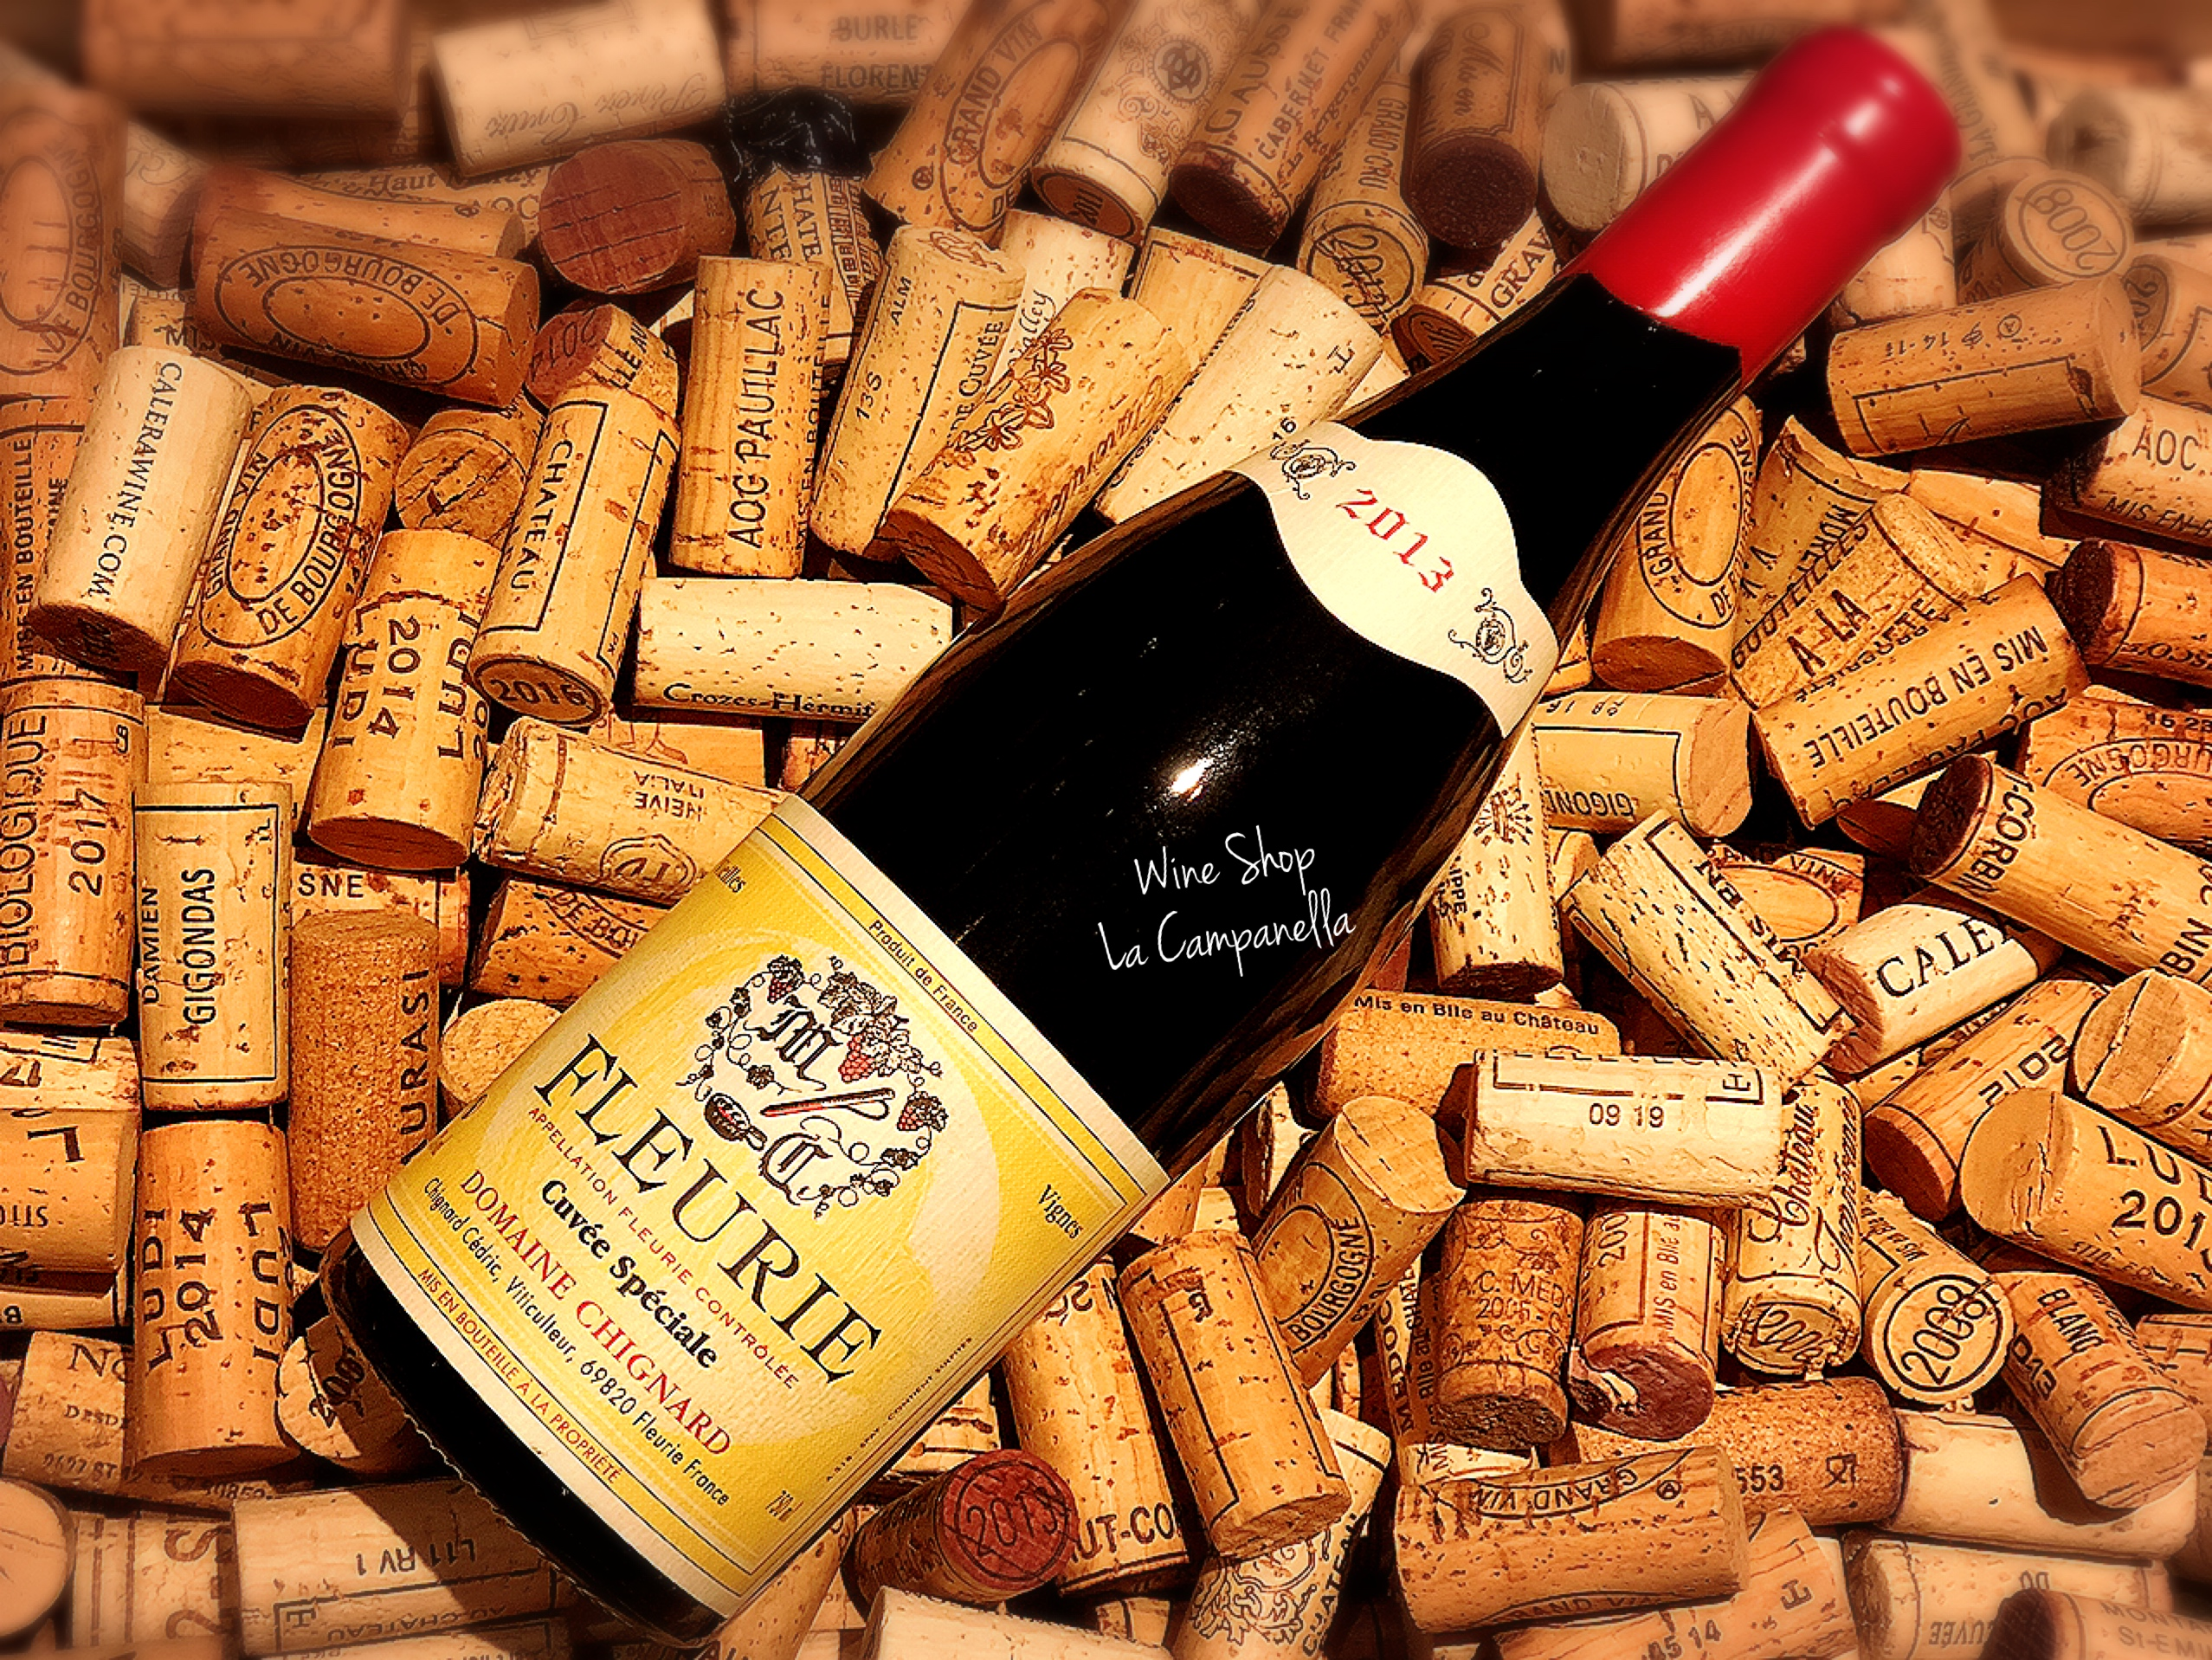 Fleurie Cuvee Special Vieilles Vignes